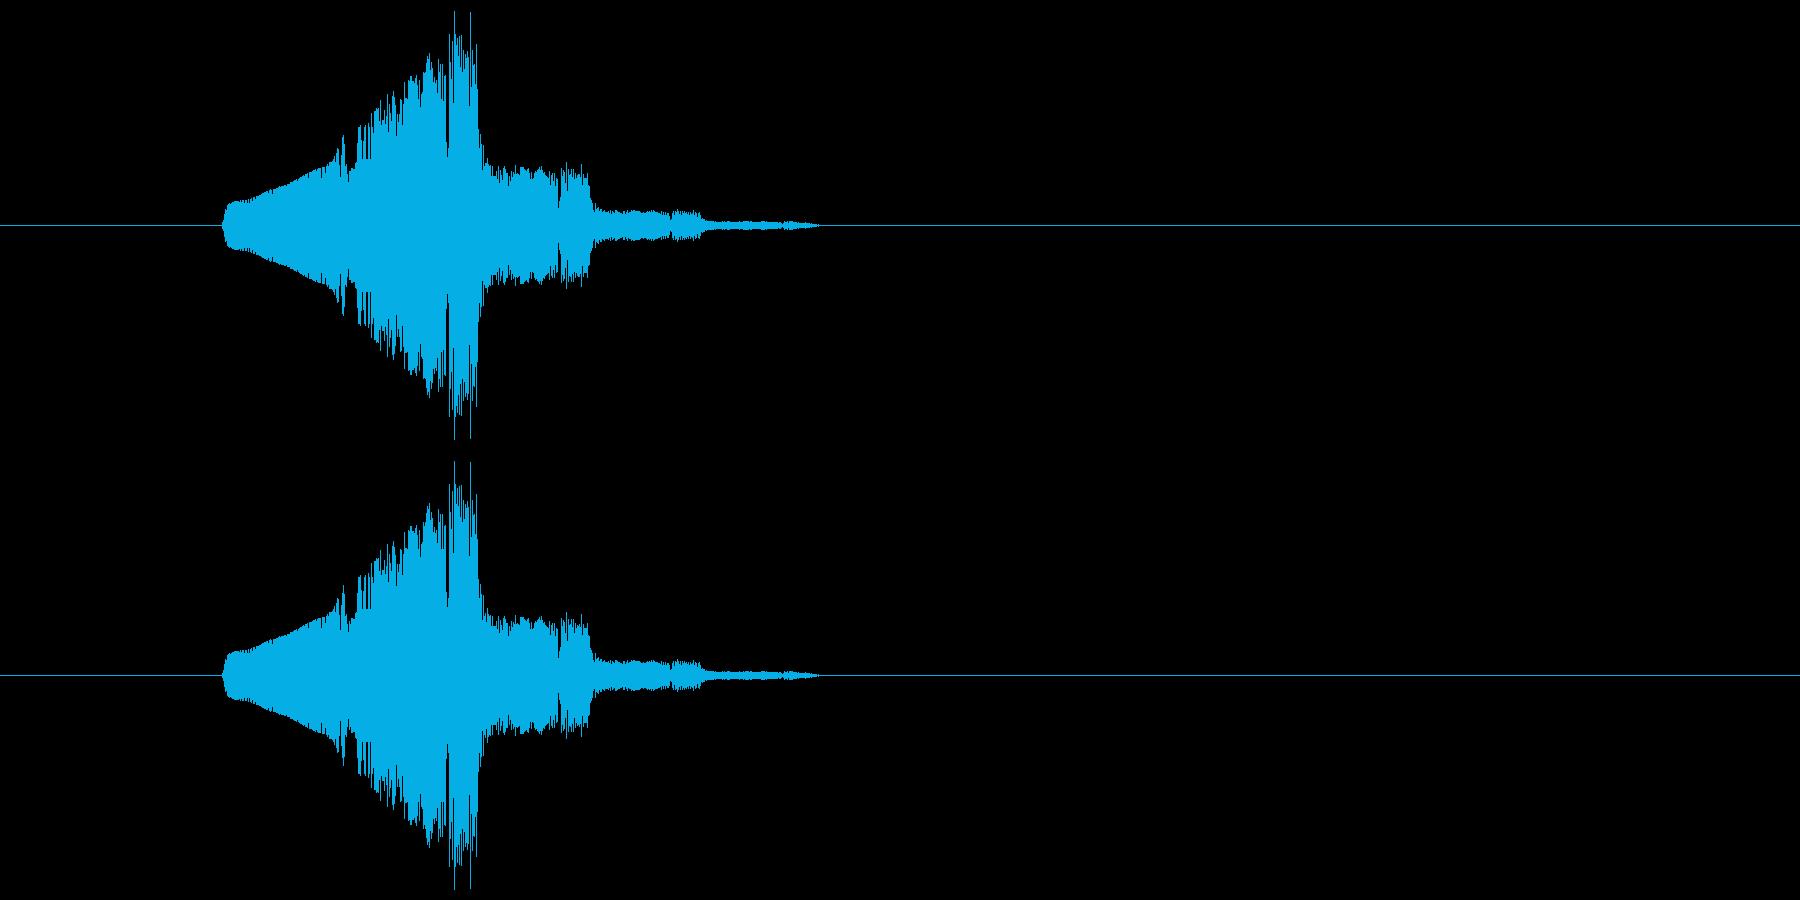 キャンセル等のイメージのシステム効果音…の再生済みの波形